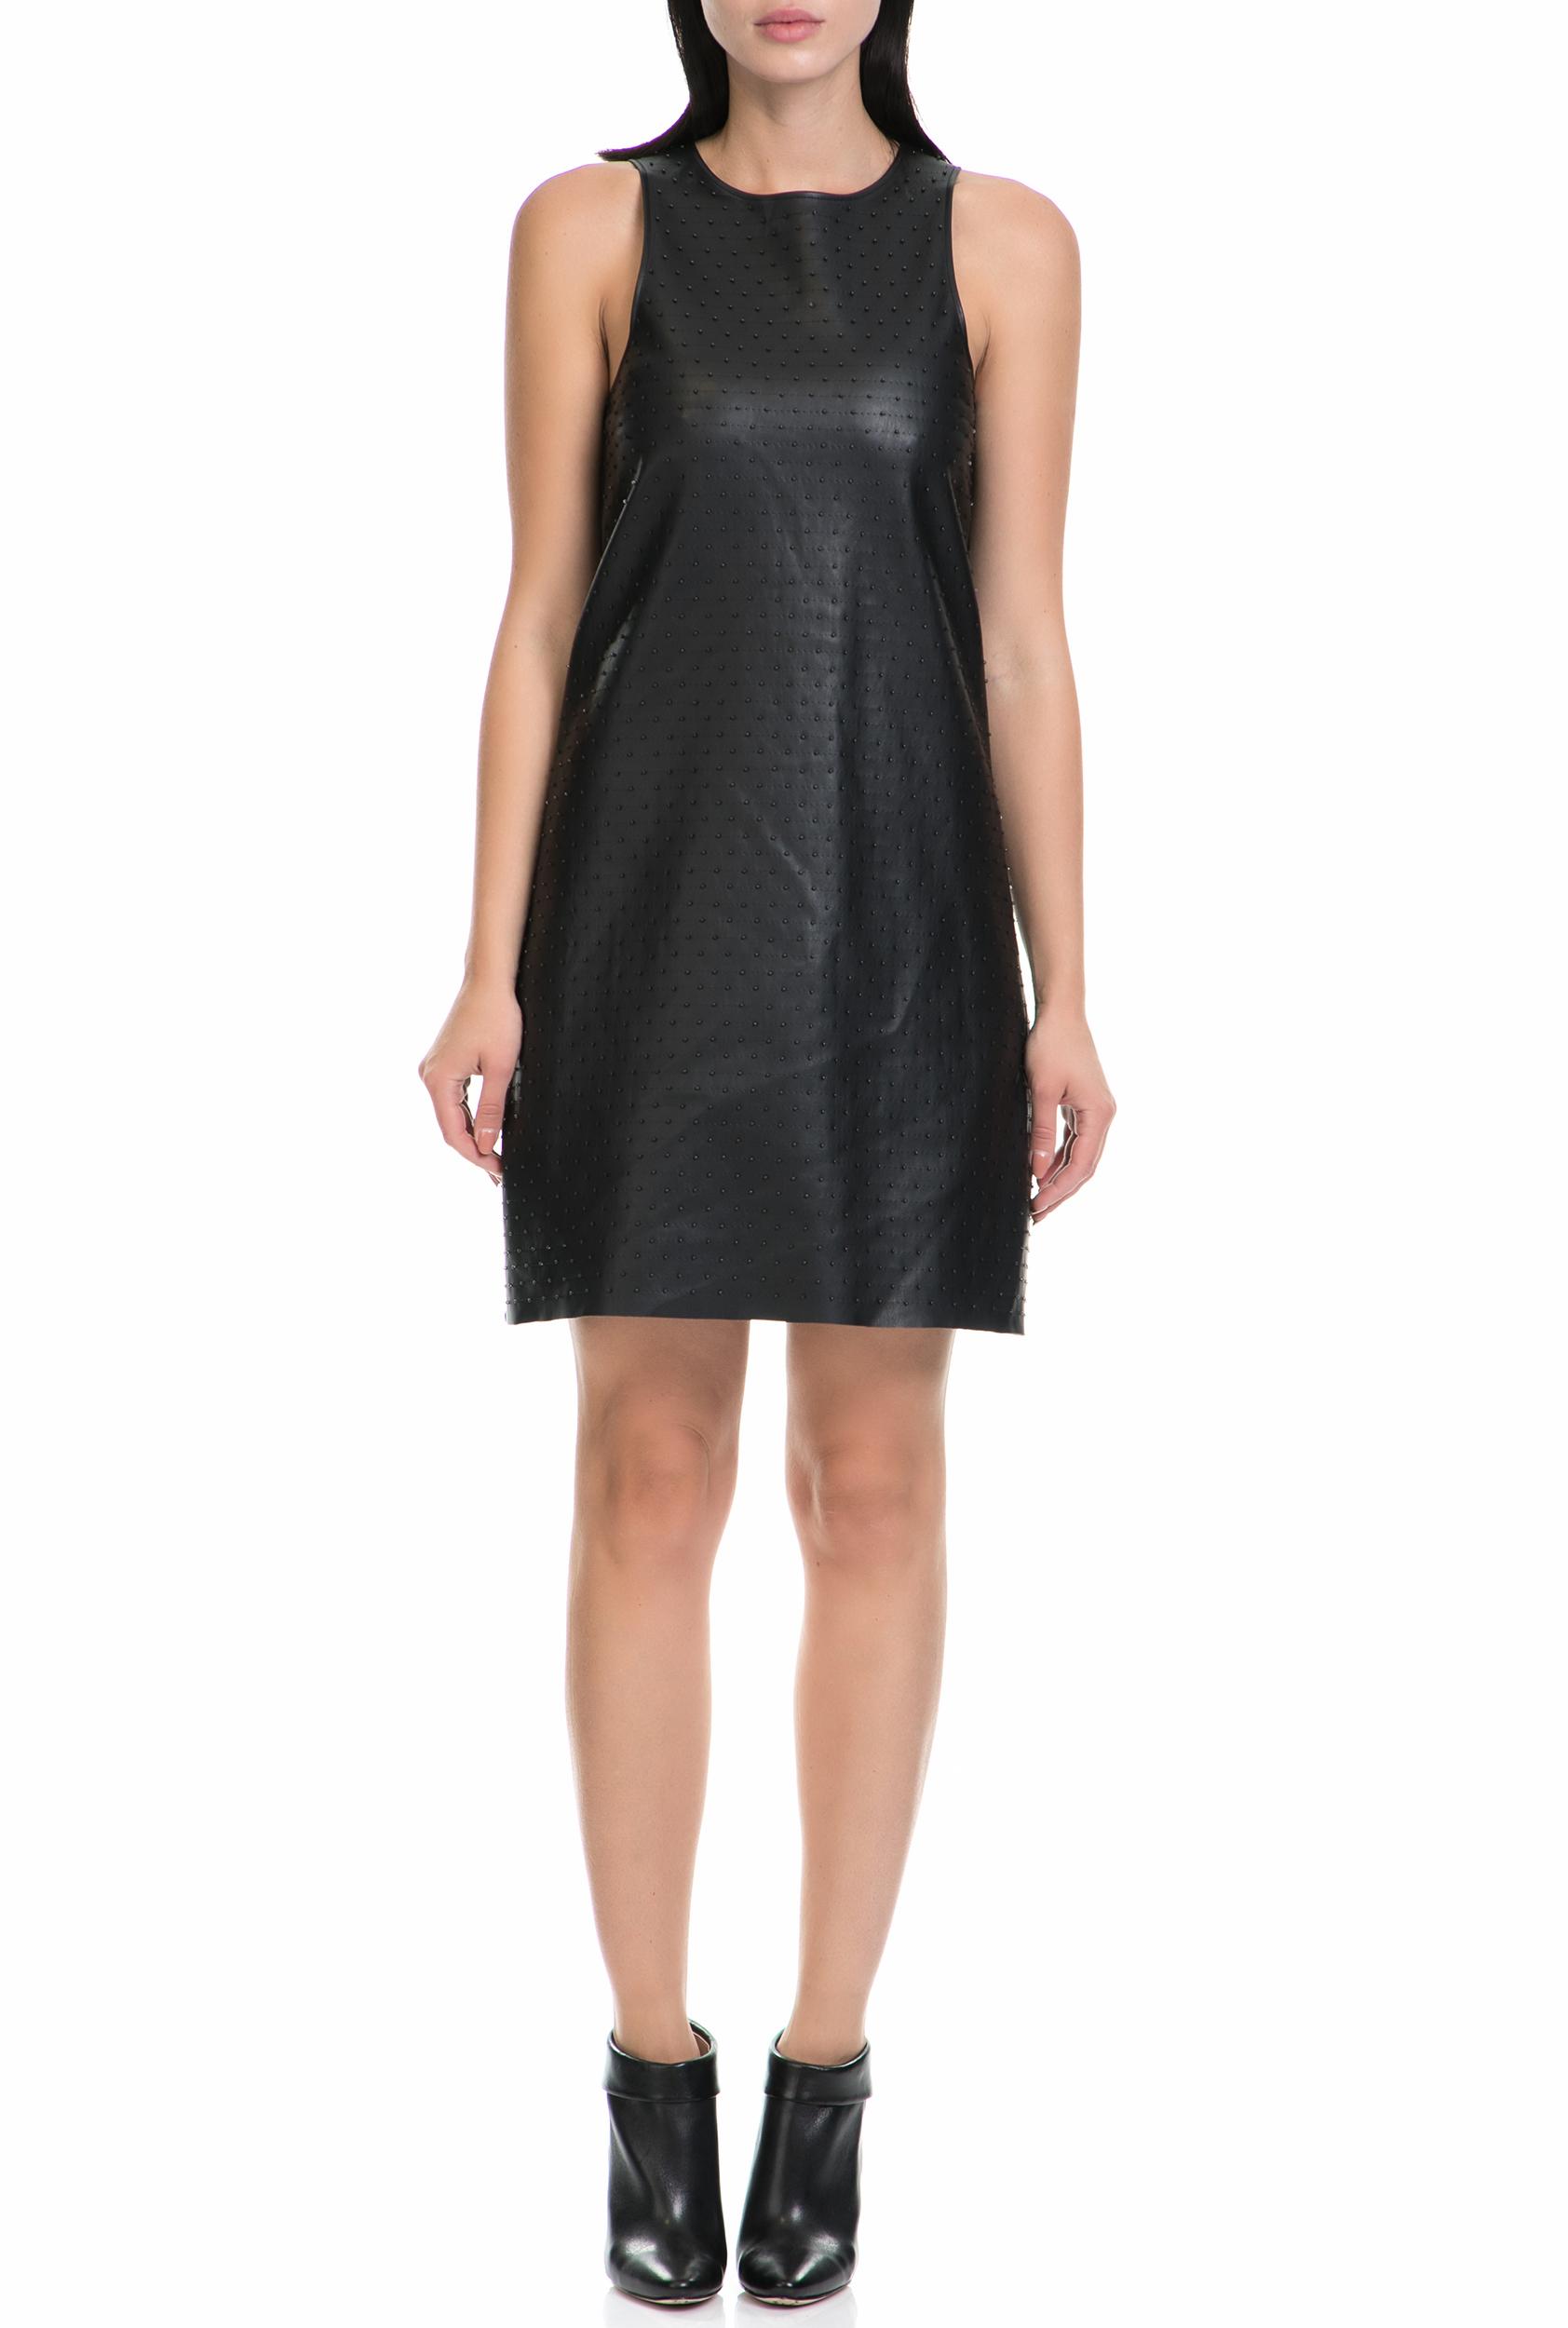 b5416754639 Γυναικεία Ρούχα, Γυναικεία Φορέματα, Αμάνικο Φόρεμα